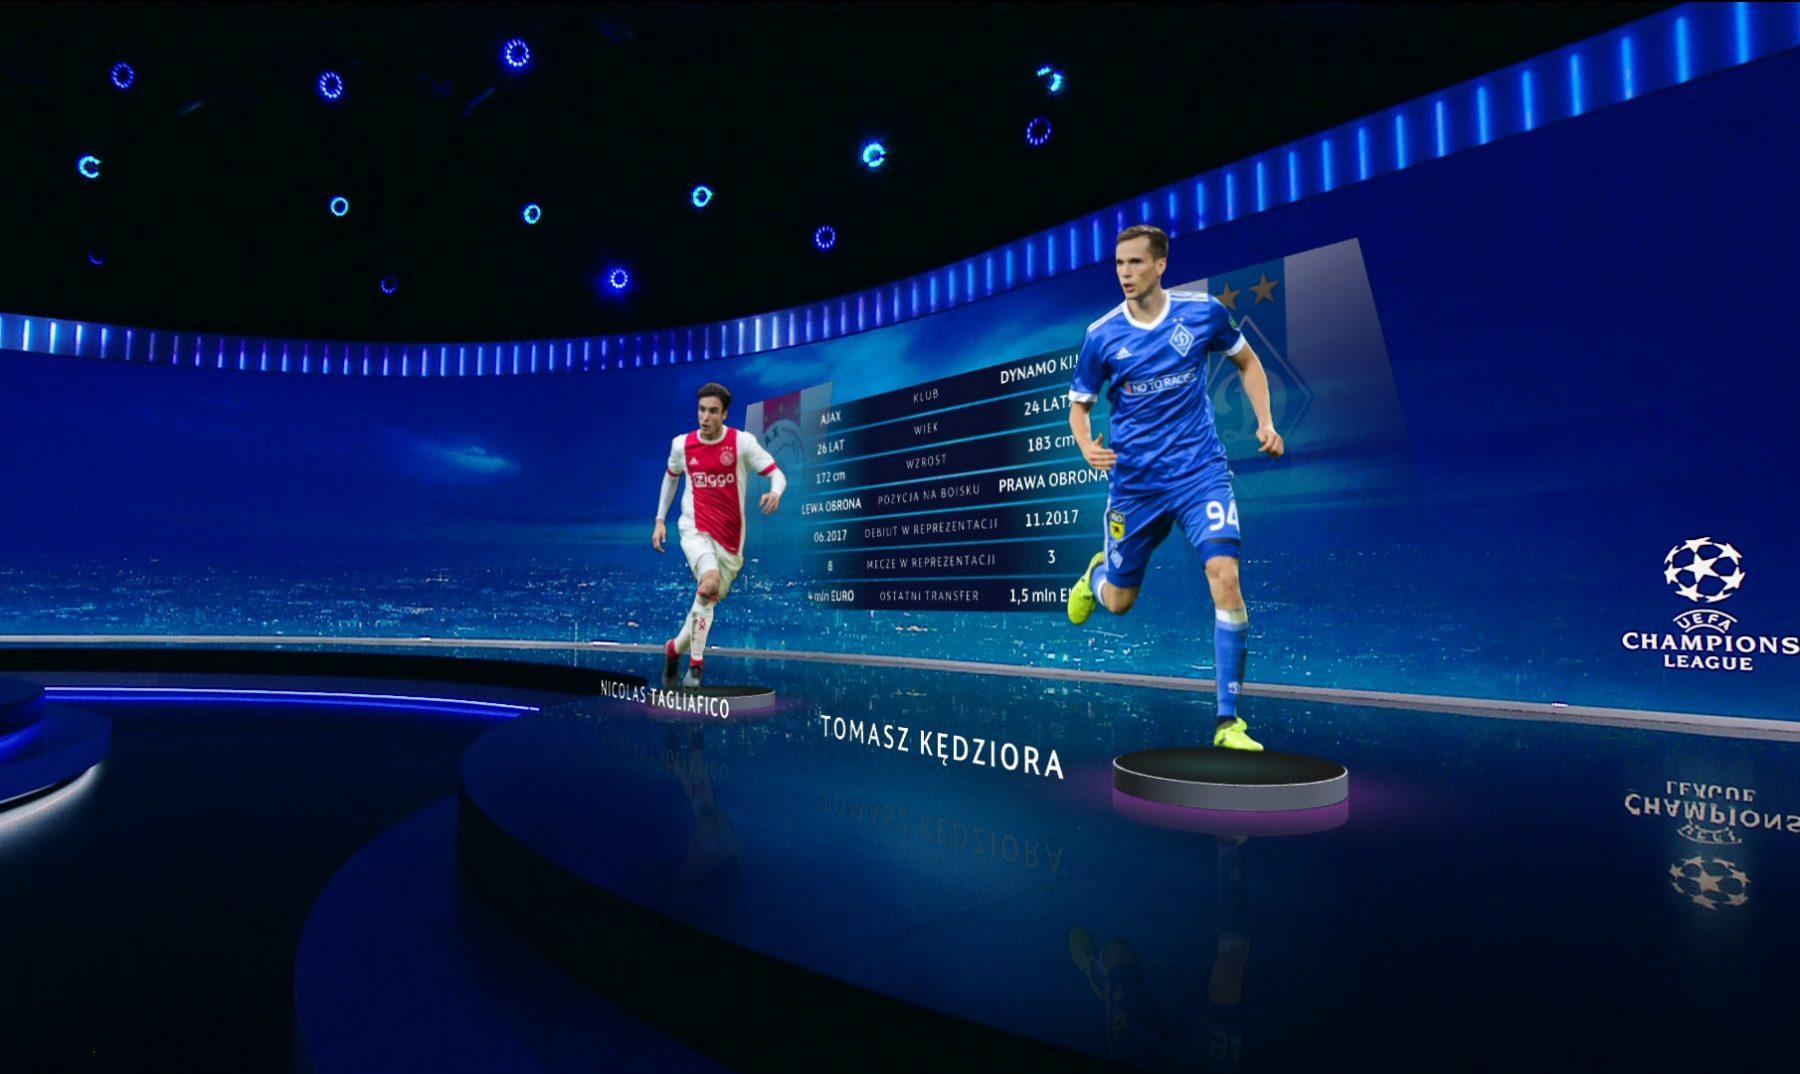 Champions League 2018 2019 Polsat Sport 3